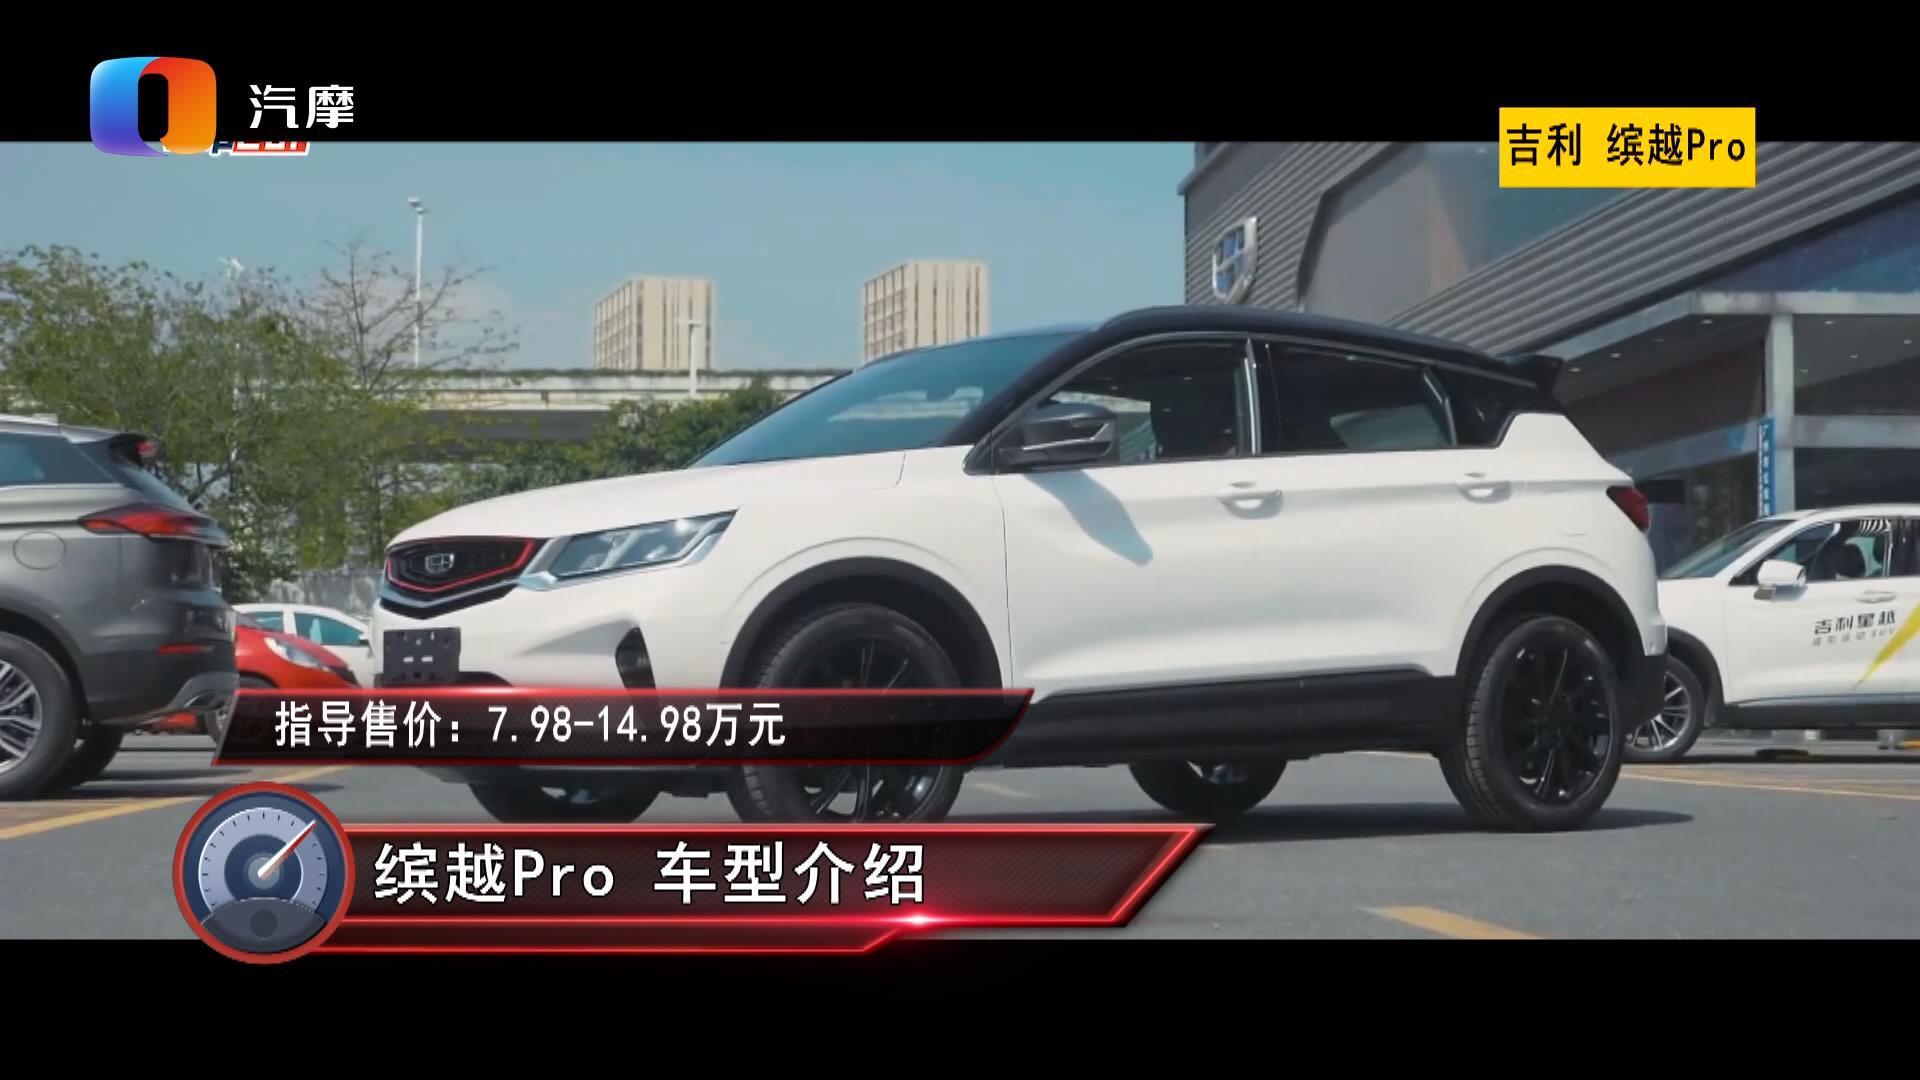 视频:吉利缤越PRO值得入手吗?和它的SUV竞品相比优势在哪里?